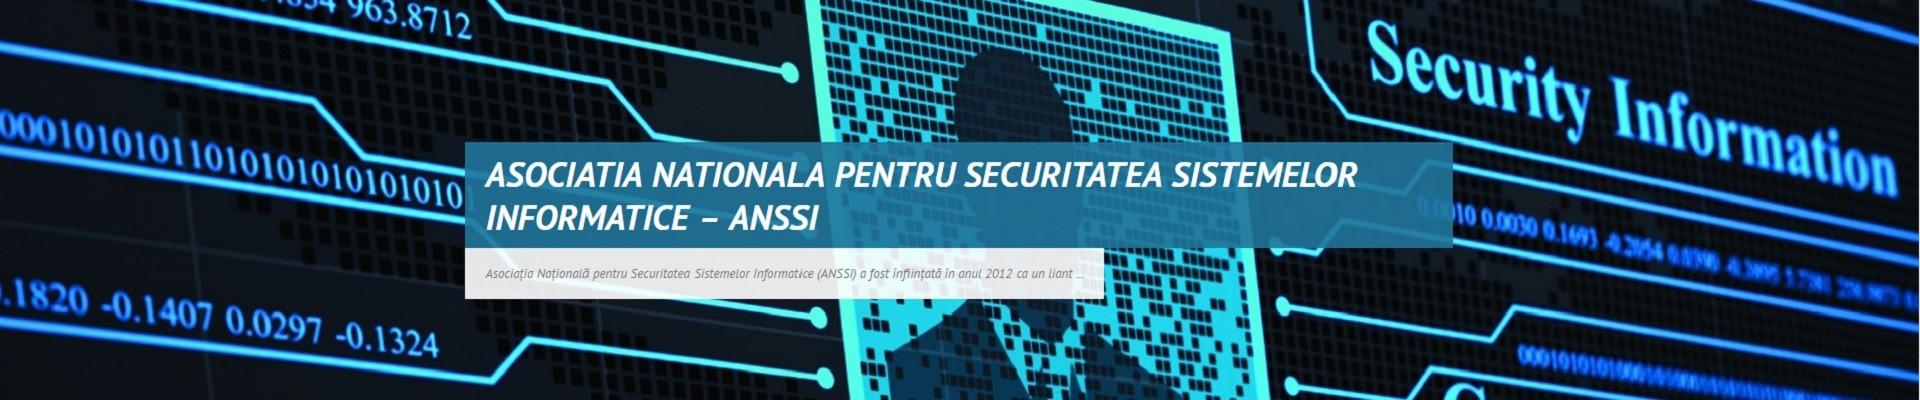 ASOCIATIA NATIONALA PENTRU SECURITATEA SISTEMELOR INFORMATICE – ANSSI